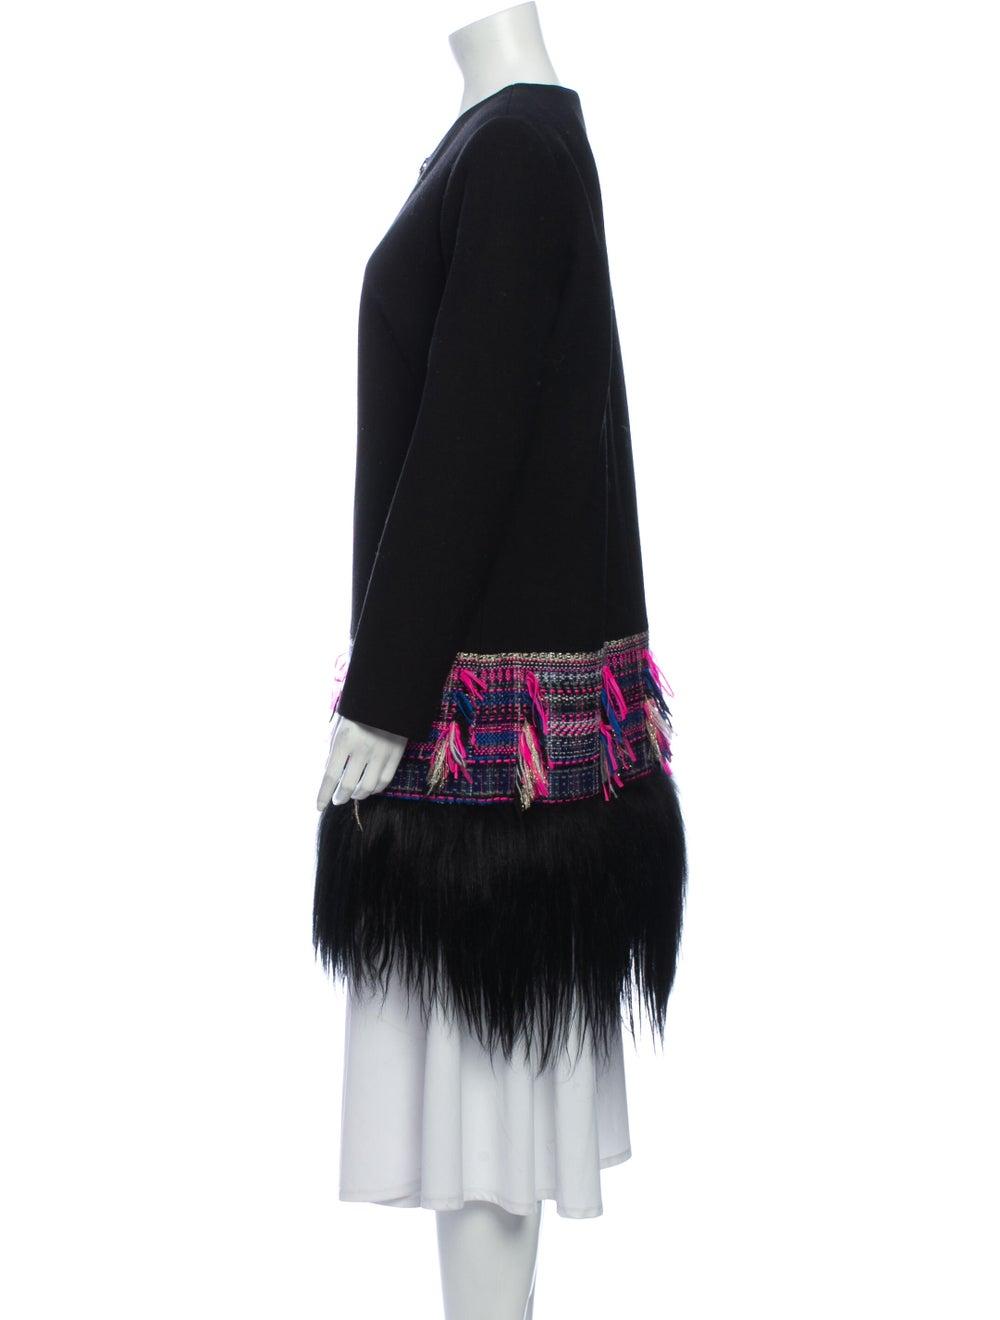 Milly Tweed Pattern Coat Black - image 2